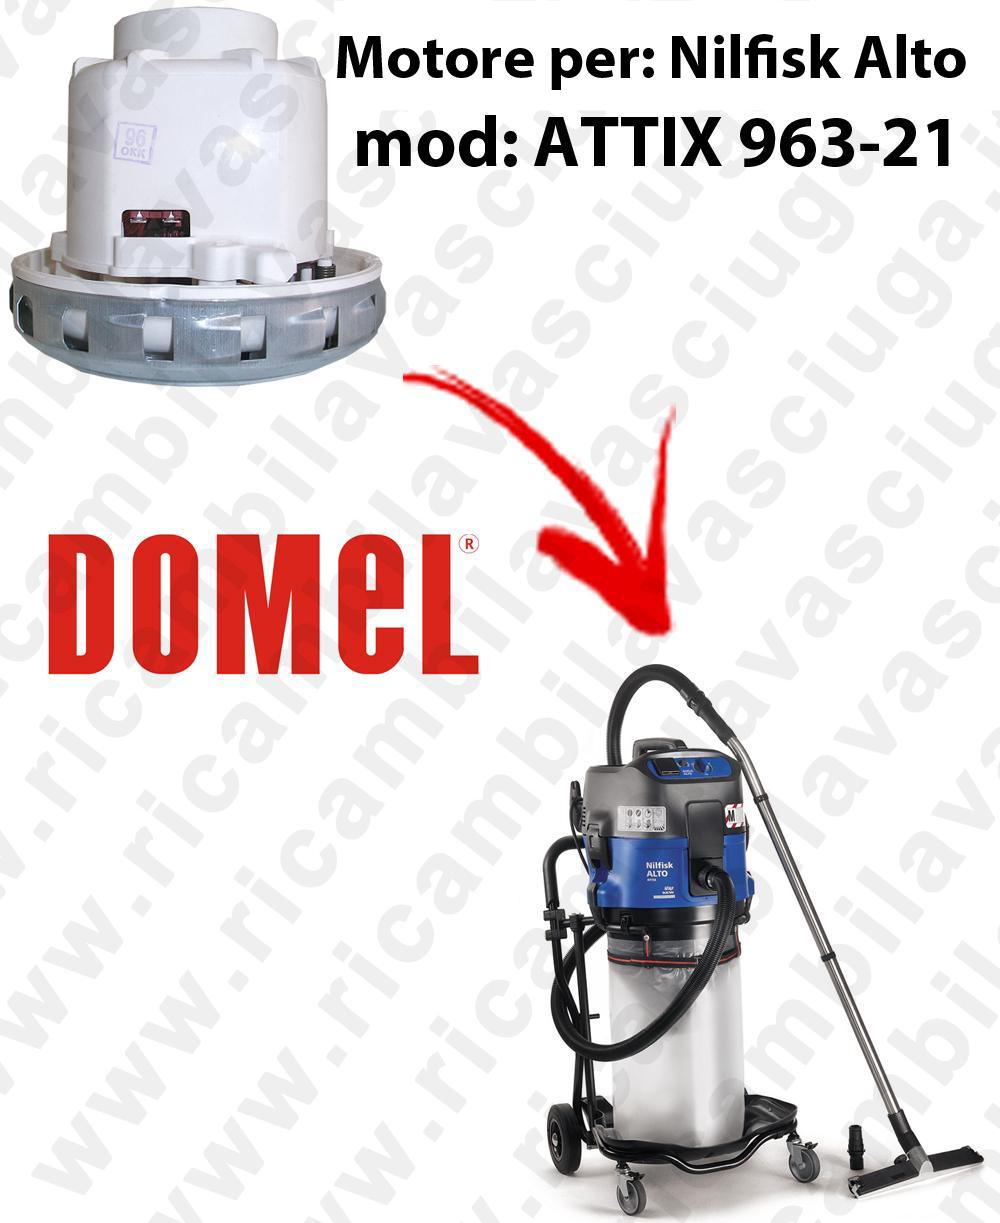 MOTORE DOMEL  para ATTIX 963-21 aspiradora NILFISK ALTO